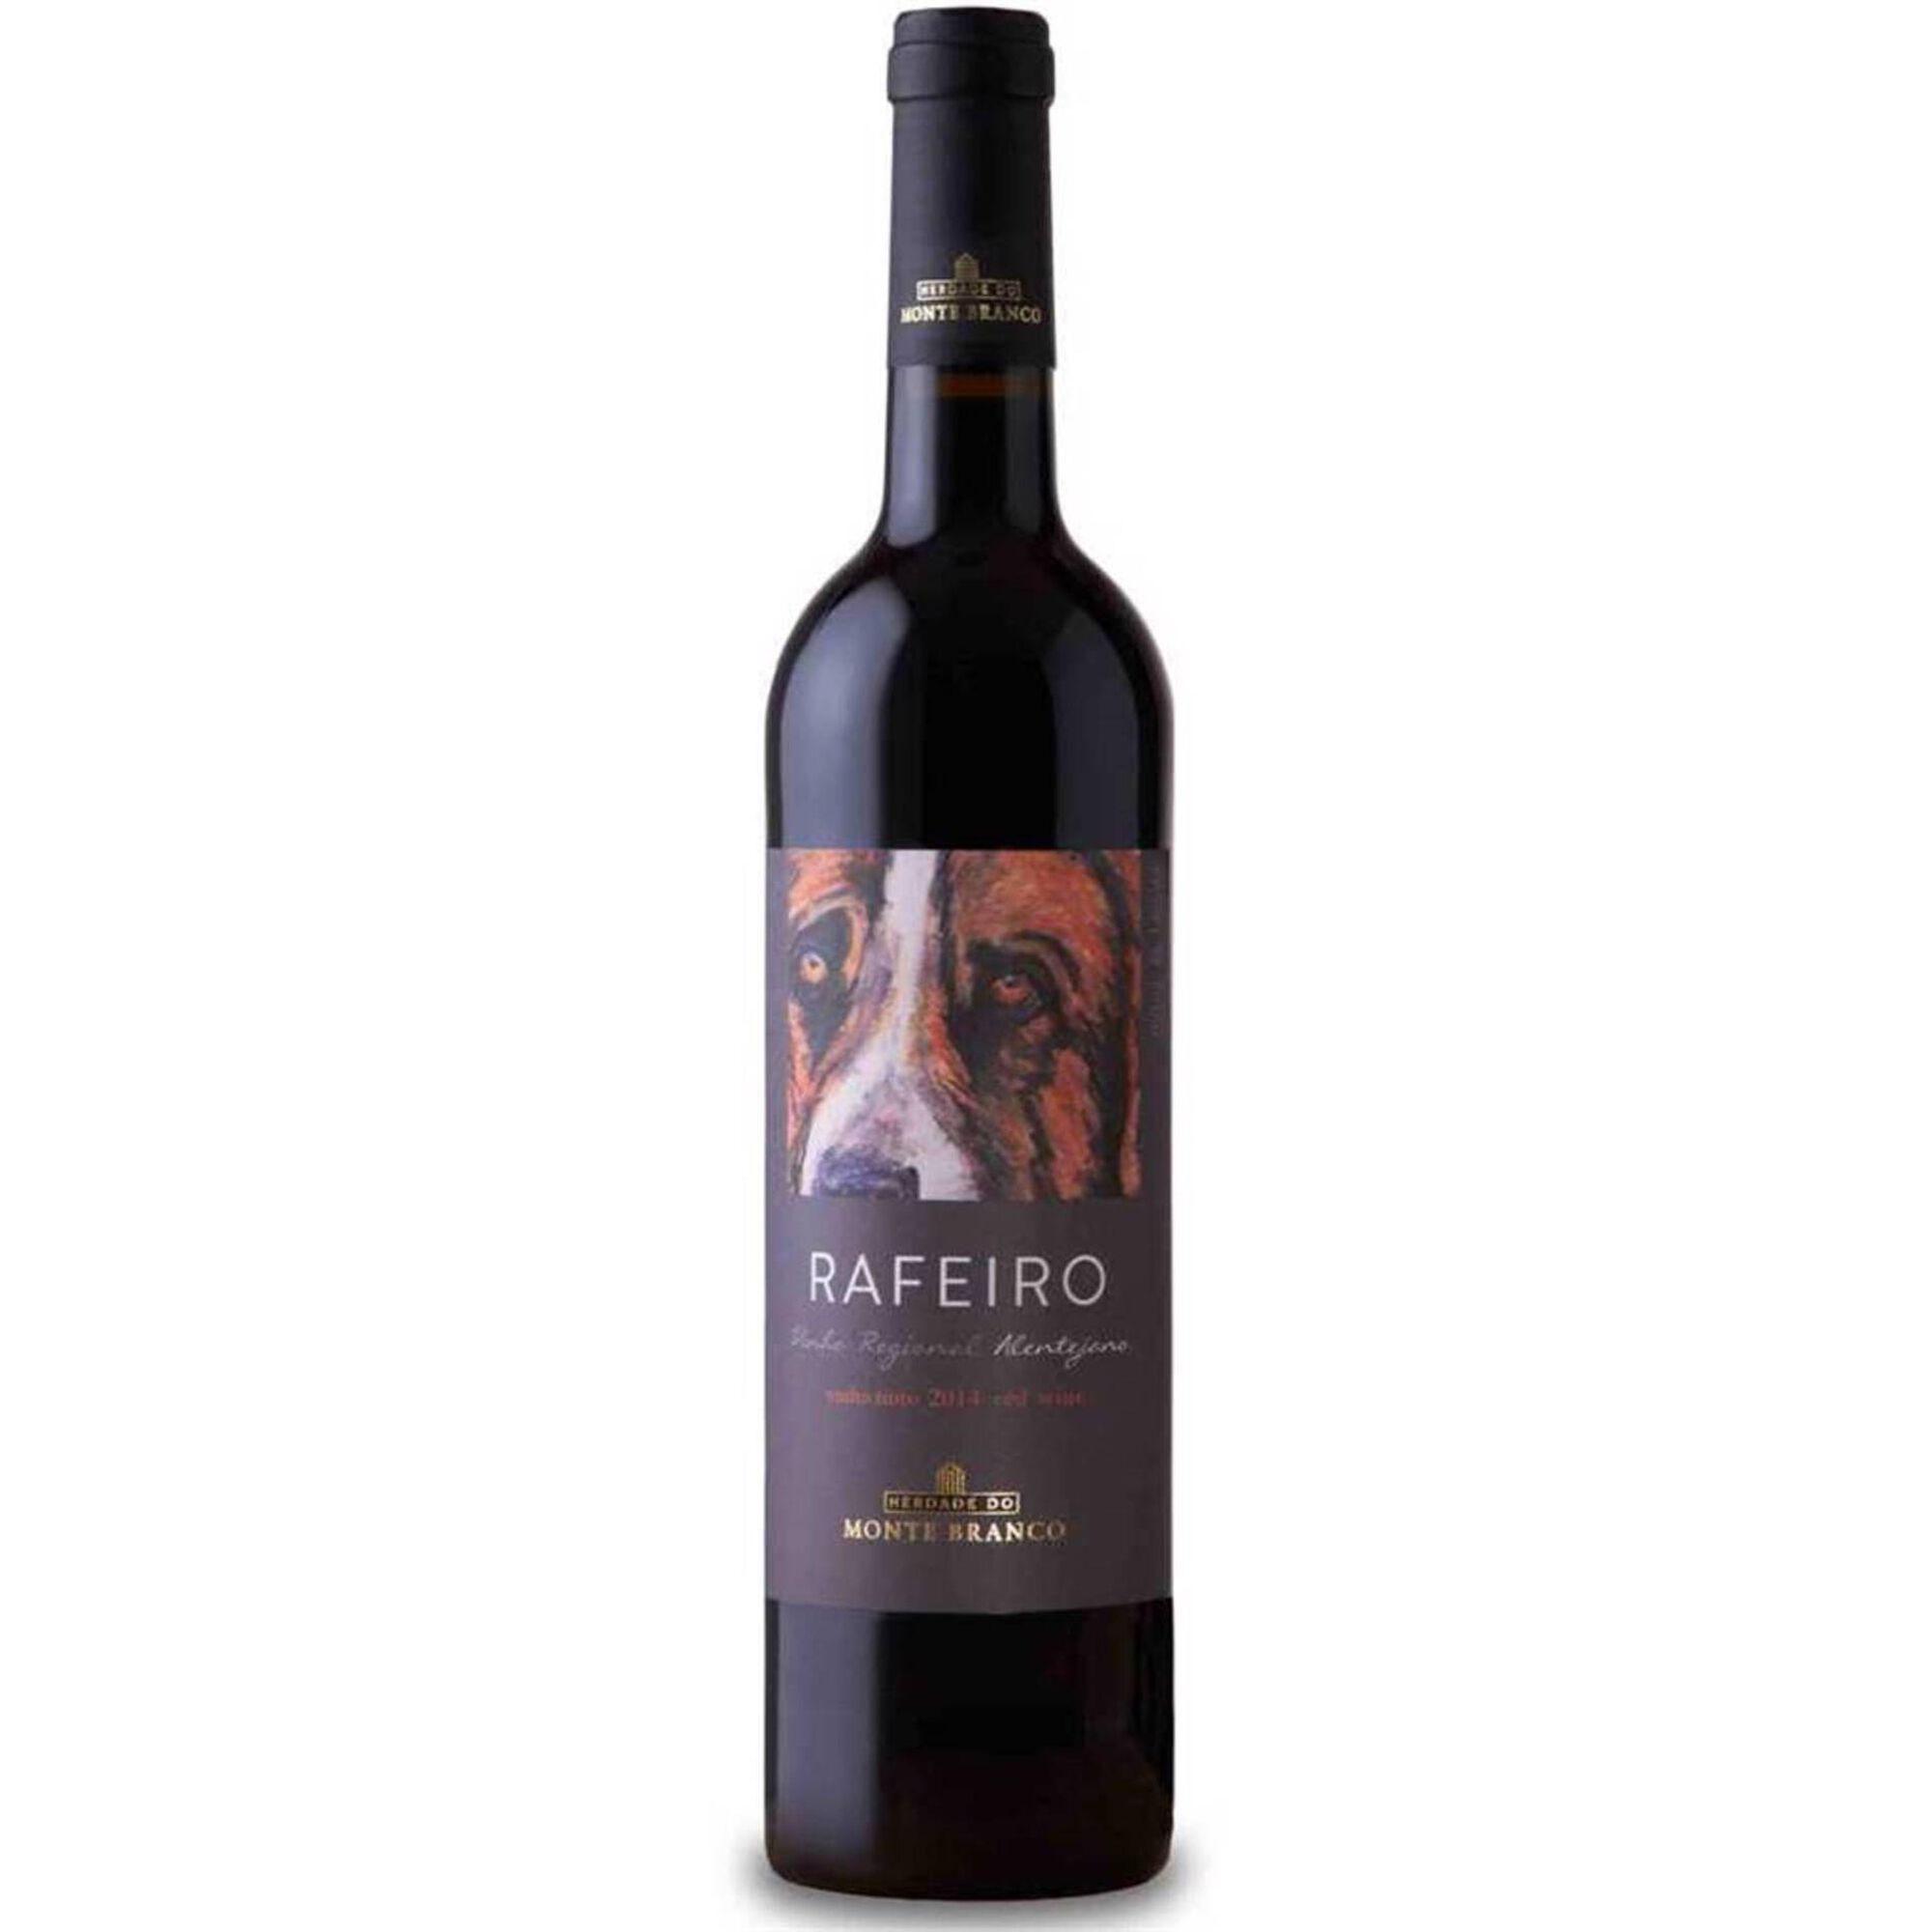 Rafeiro Regional Alentejano Vinho Tinto